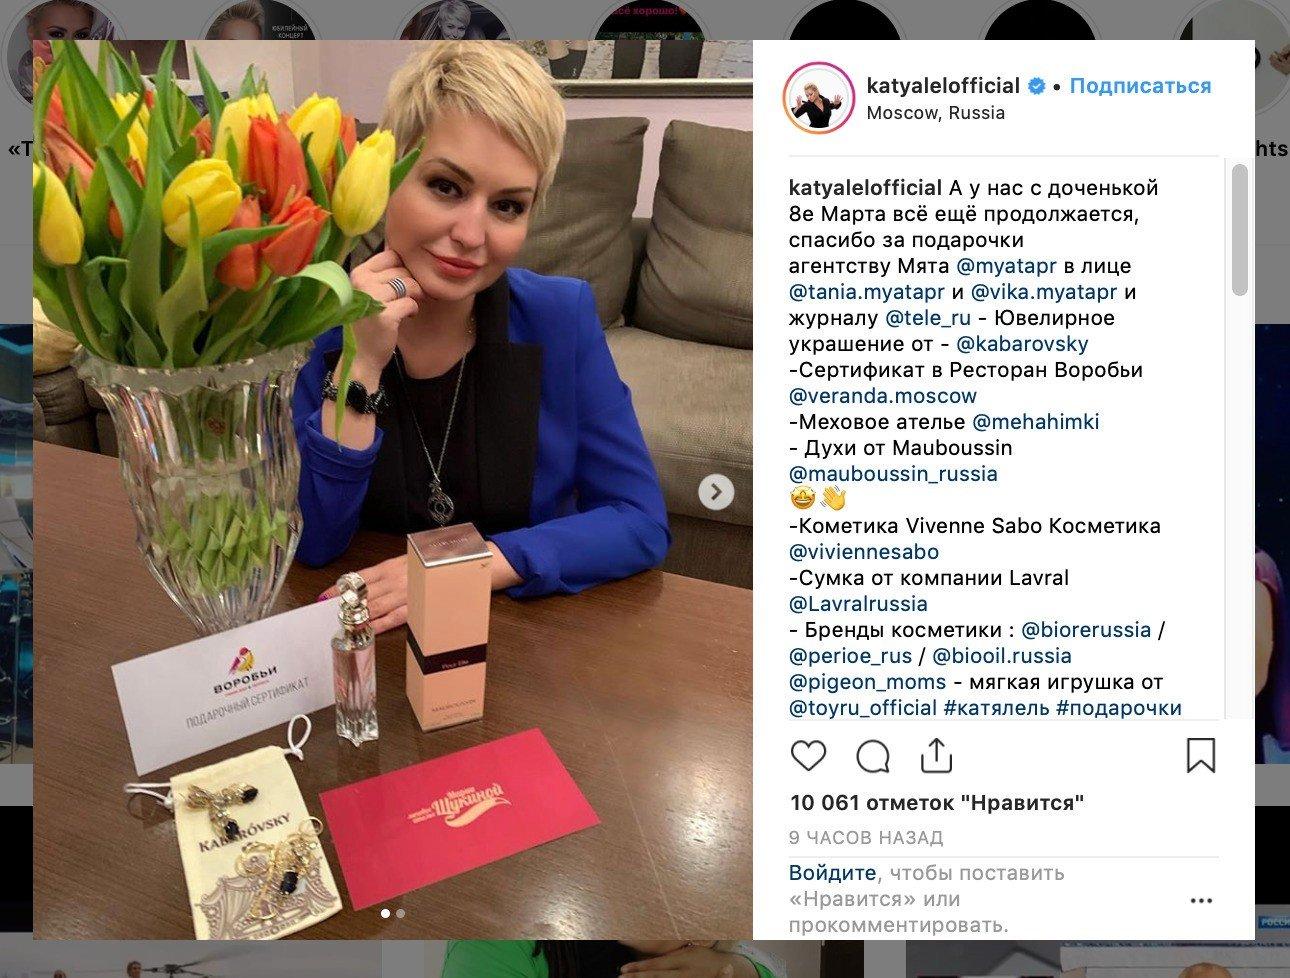 Это мне и это тоже мне: Алла Довлатова, Альбина Джанабаева и другие звезды стали обладателями коробки с подарками